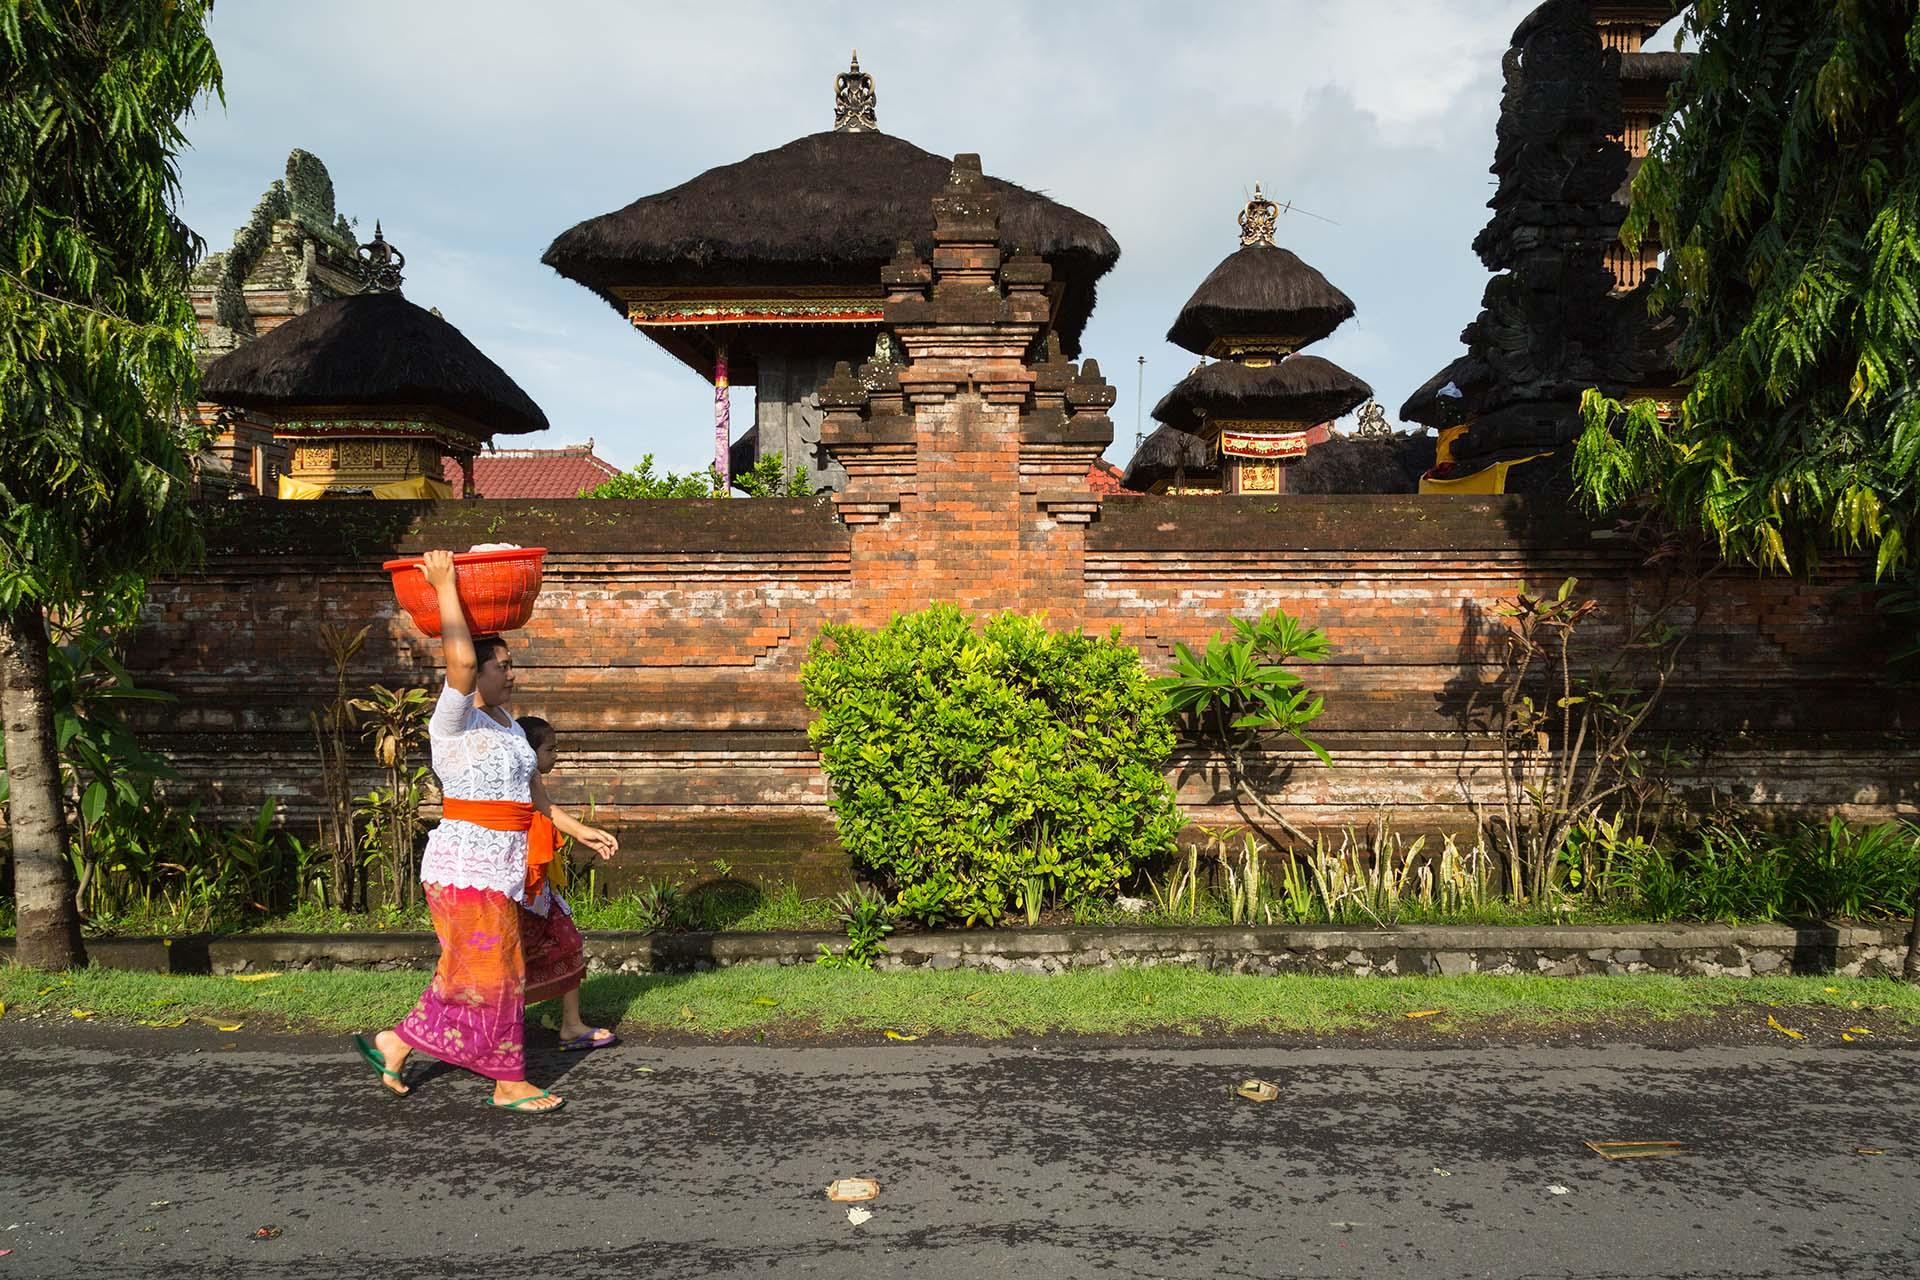 Las vistas del campo de arroz y las arenas volcánicas de Canggu ya no son un secreto, pero la ciudad balinesa tranquila es mucho menos conocida que algunos de los centros turísticos más populares de Bali como Kuta, Seminyak y Ubud